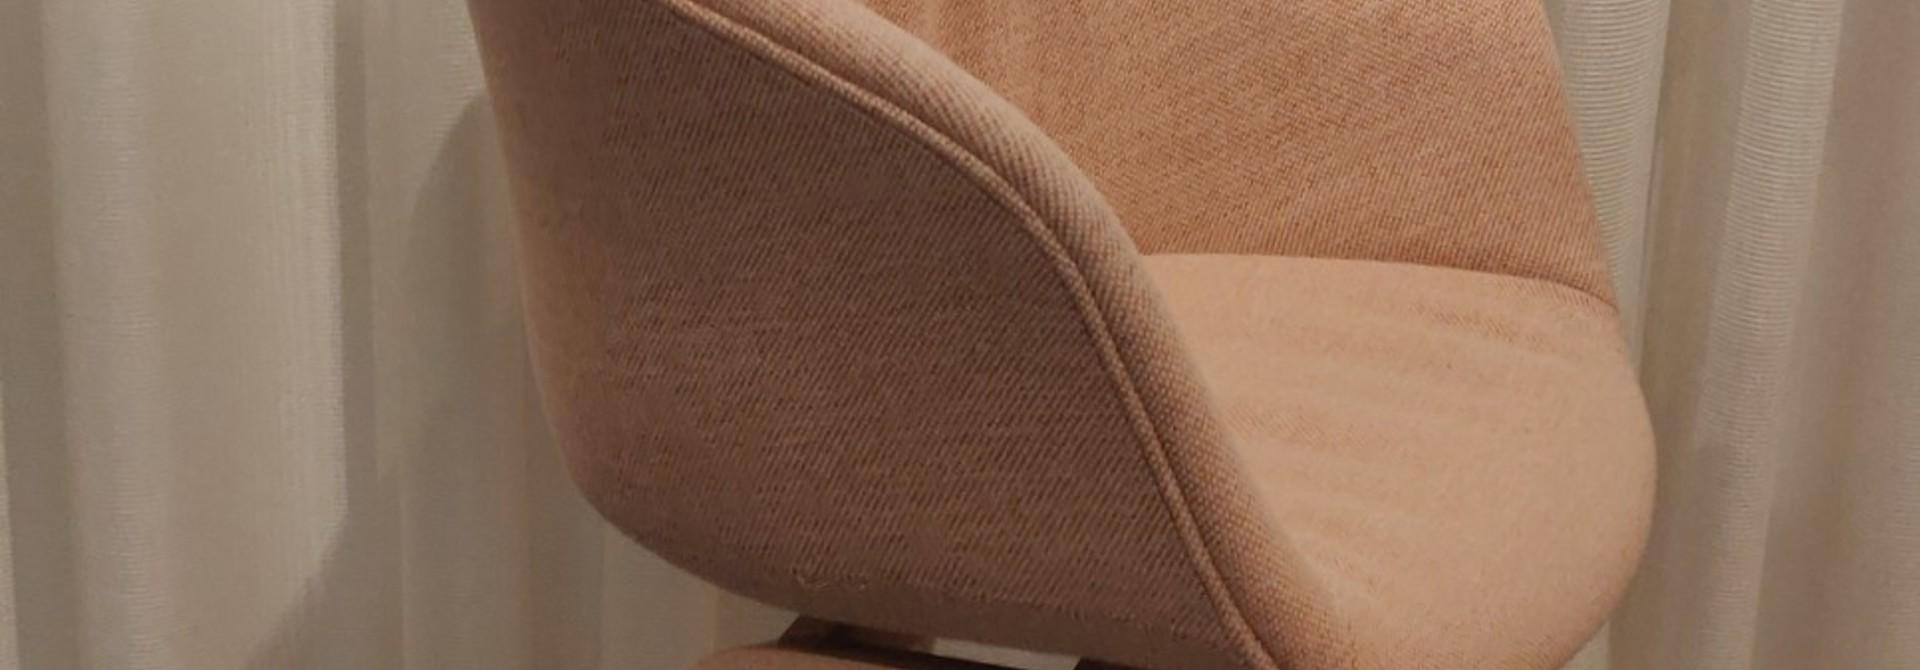 Toonzaalmodel AAC 23 Soft Matt lacquered oak veneer - Mode 26